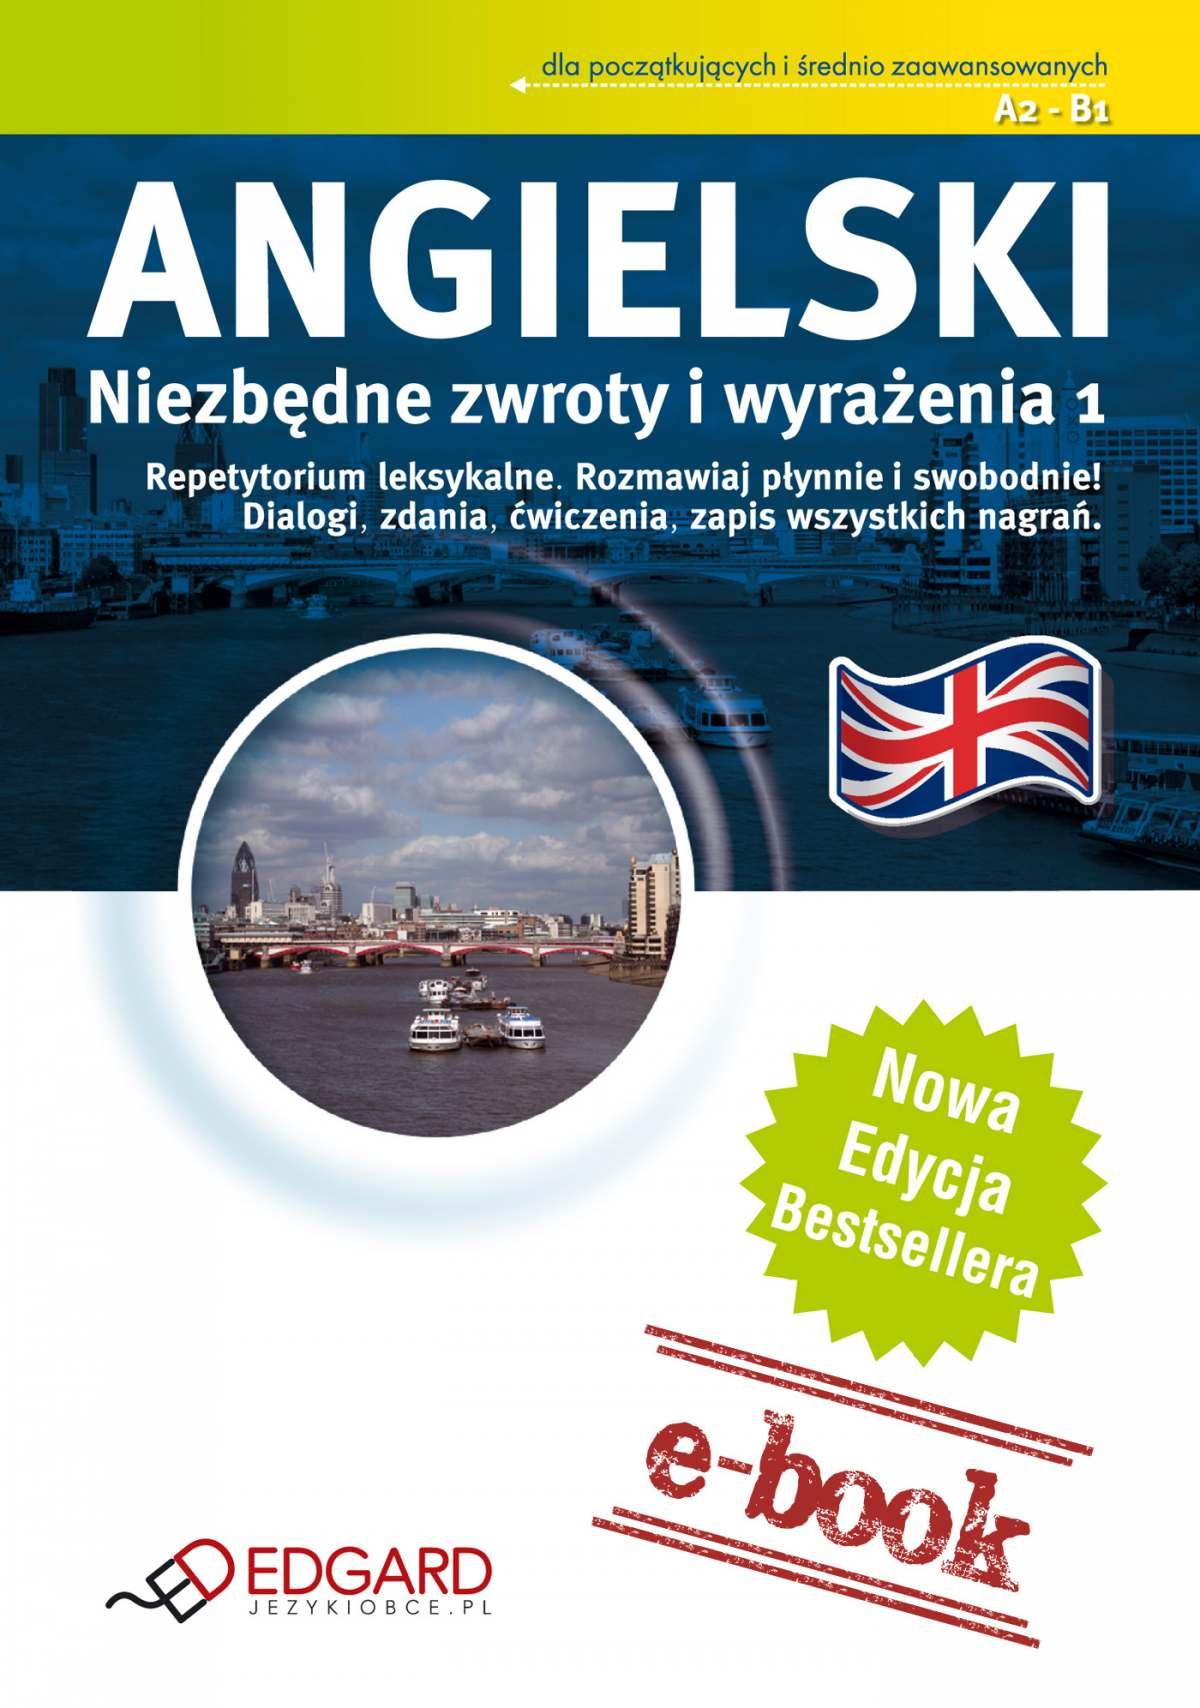 Angielski - Niezbędne zwroty i wyrażenia - Ebook (Książka EPUB) do pobrania w formacie EPUB